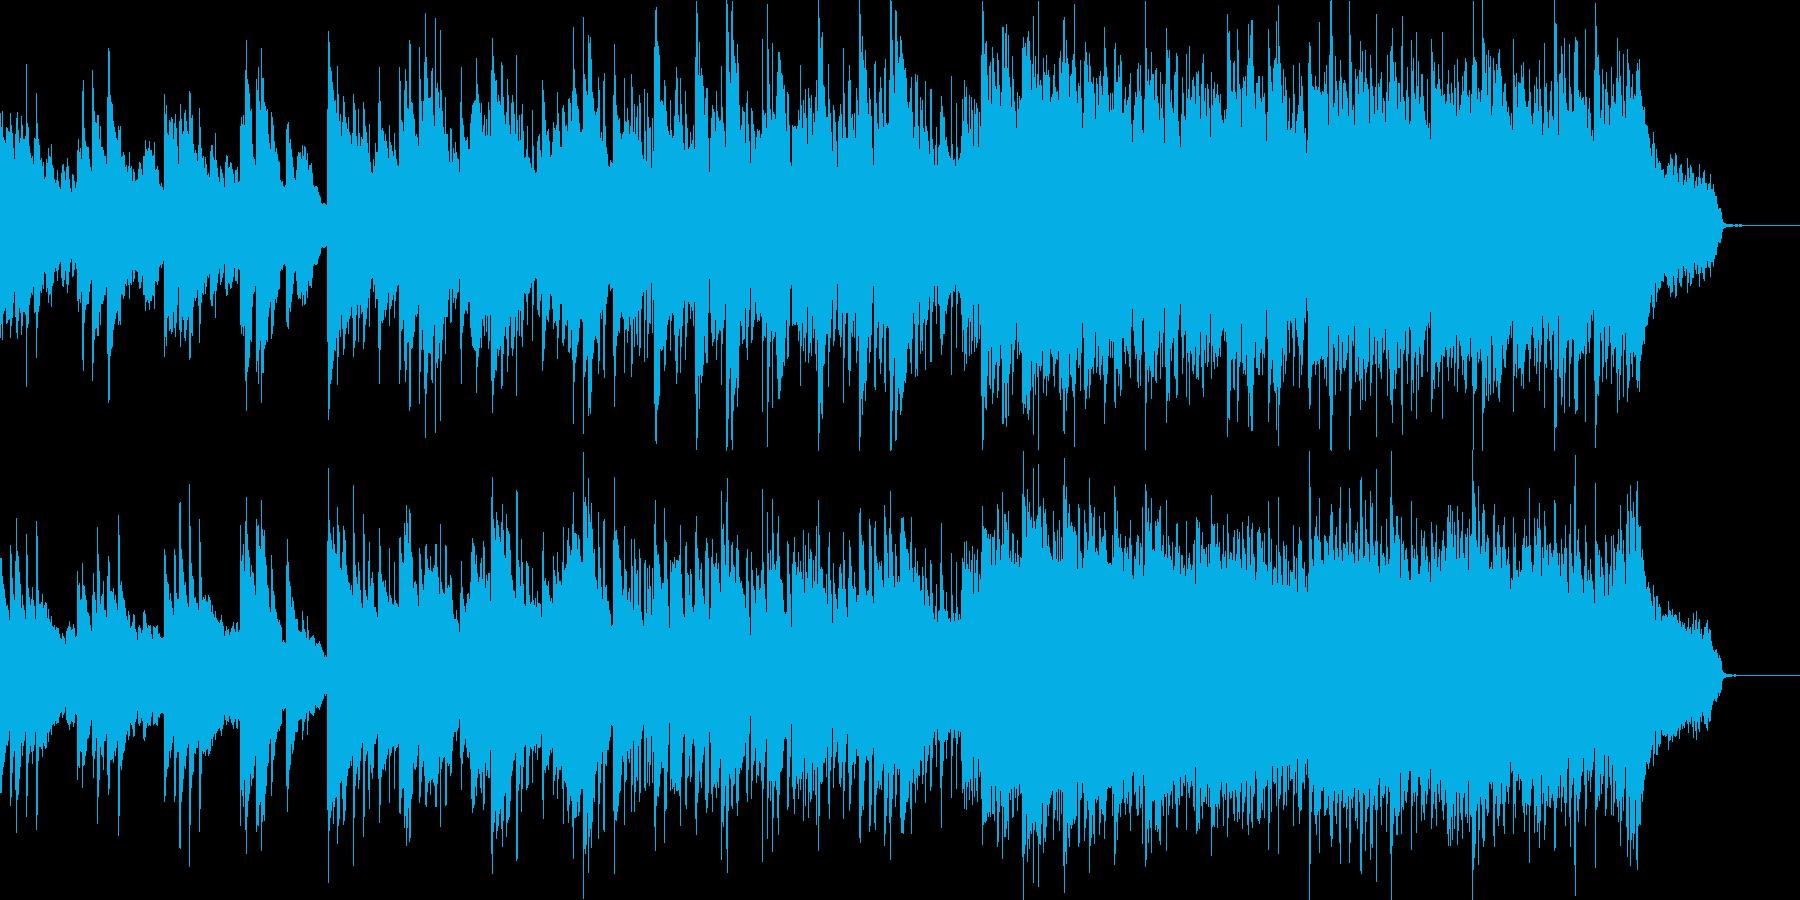 ゆったりとしていて爽やかな映像用BGMの再生済みの波形